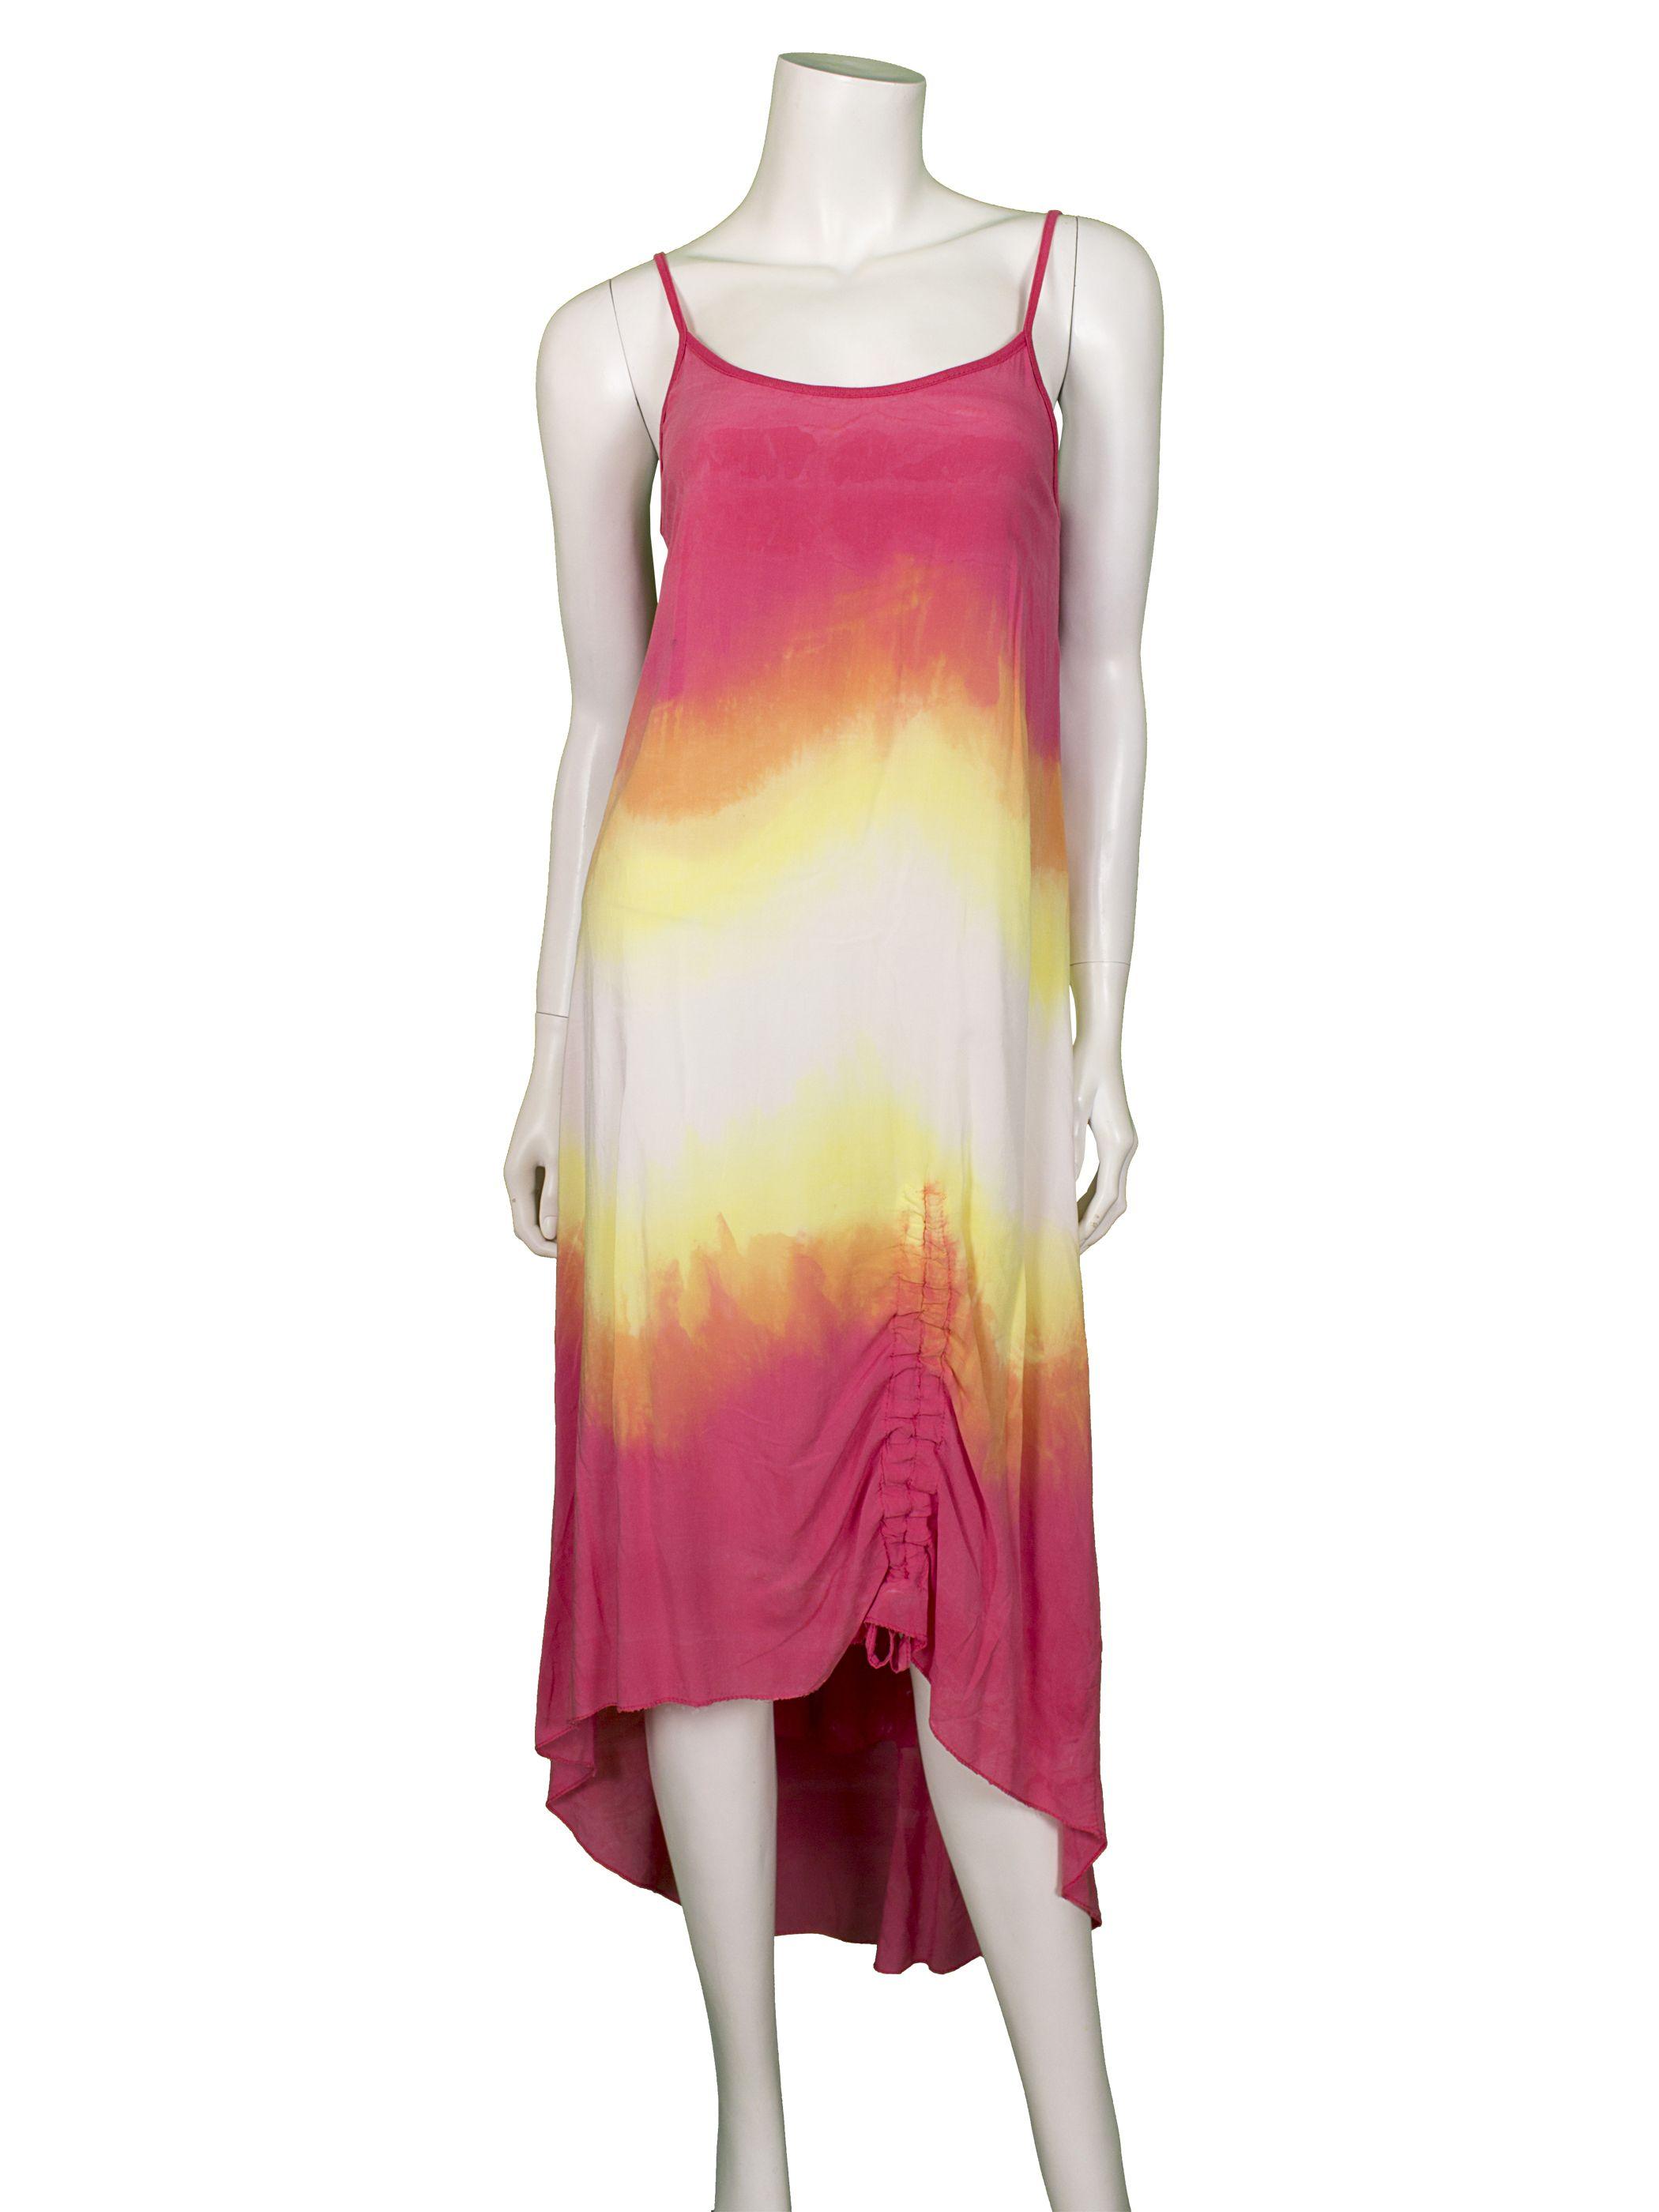 kleid, pink multicolor - online shop meinkleidchen.de